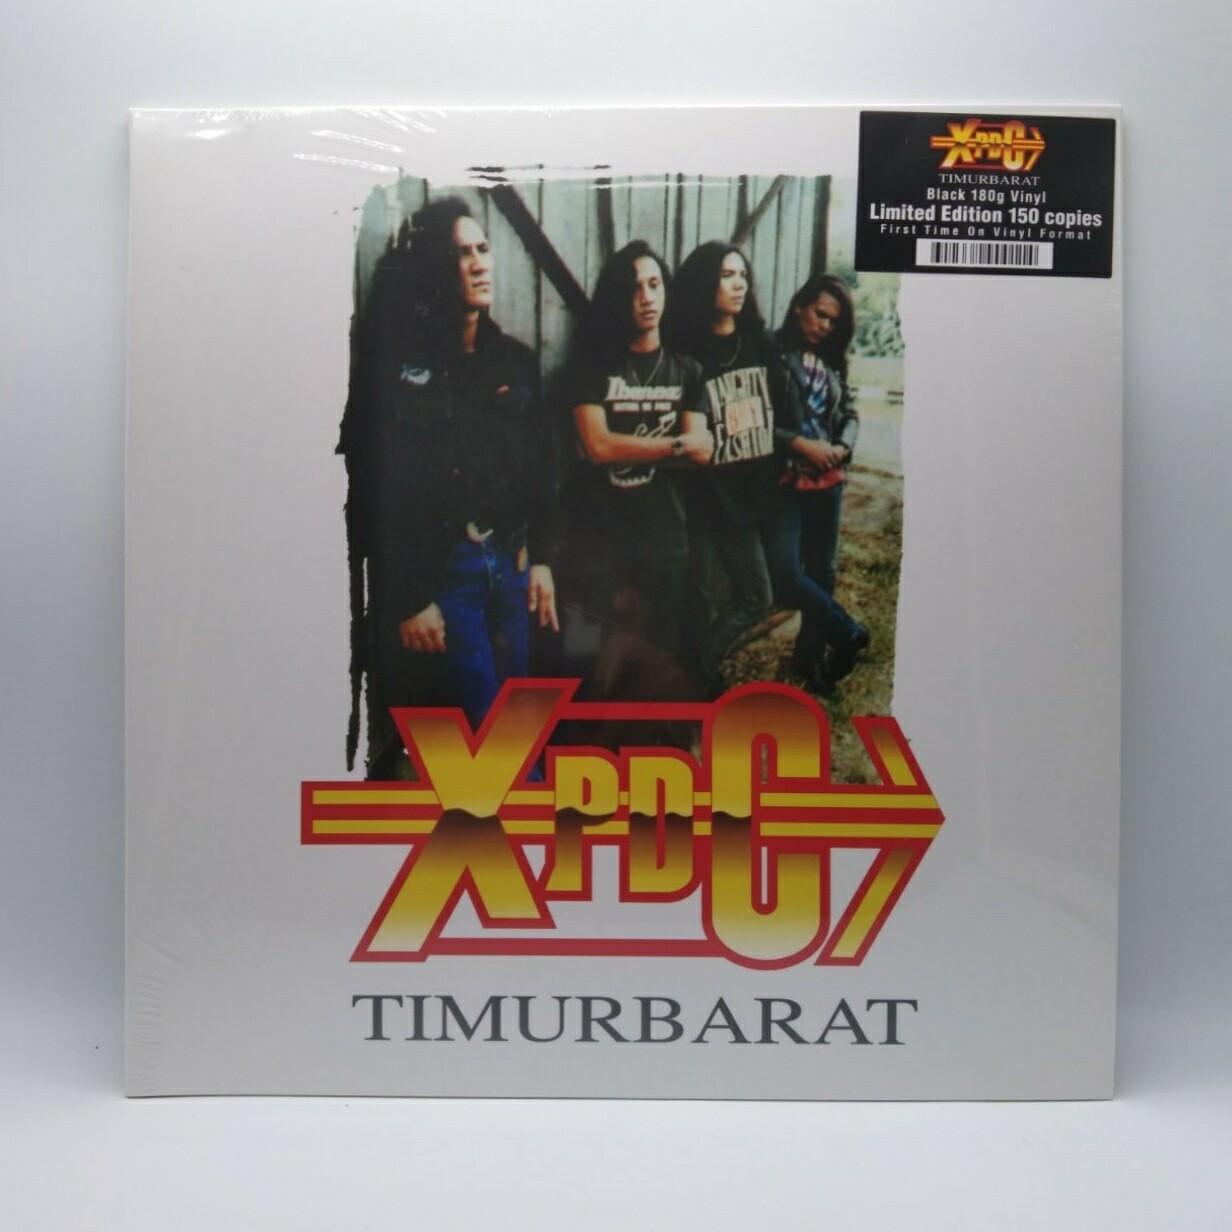 XPDC -TIMURBARAT- LP (180 GRAM VINYL)